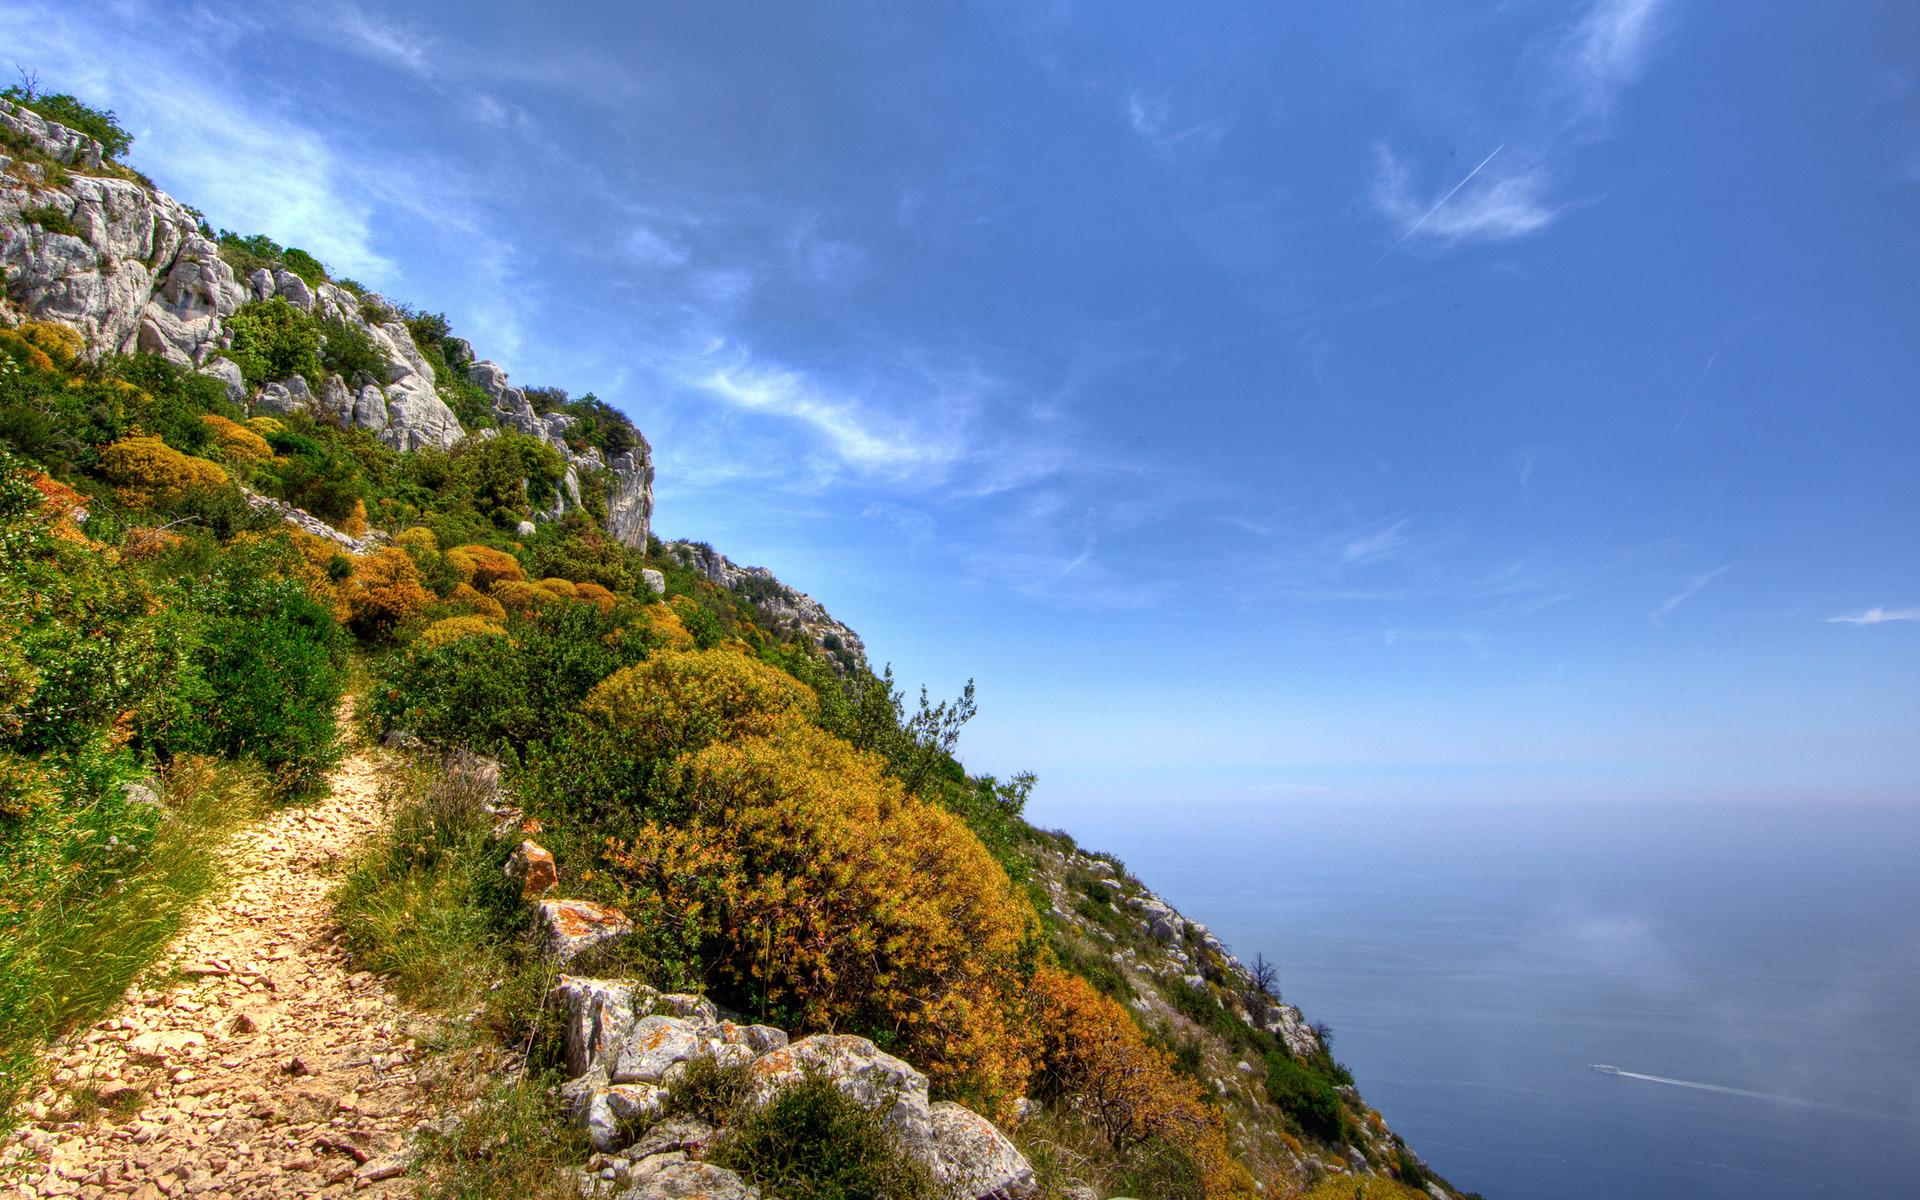 горы скалы небо облака высота природа  № 3352080 бесплатно